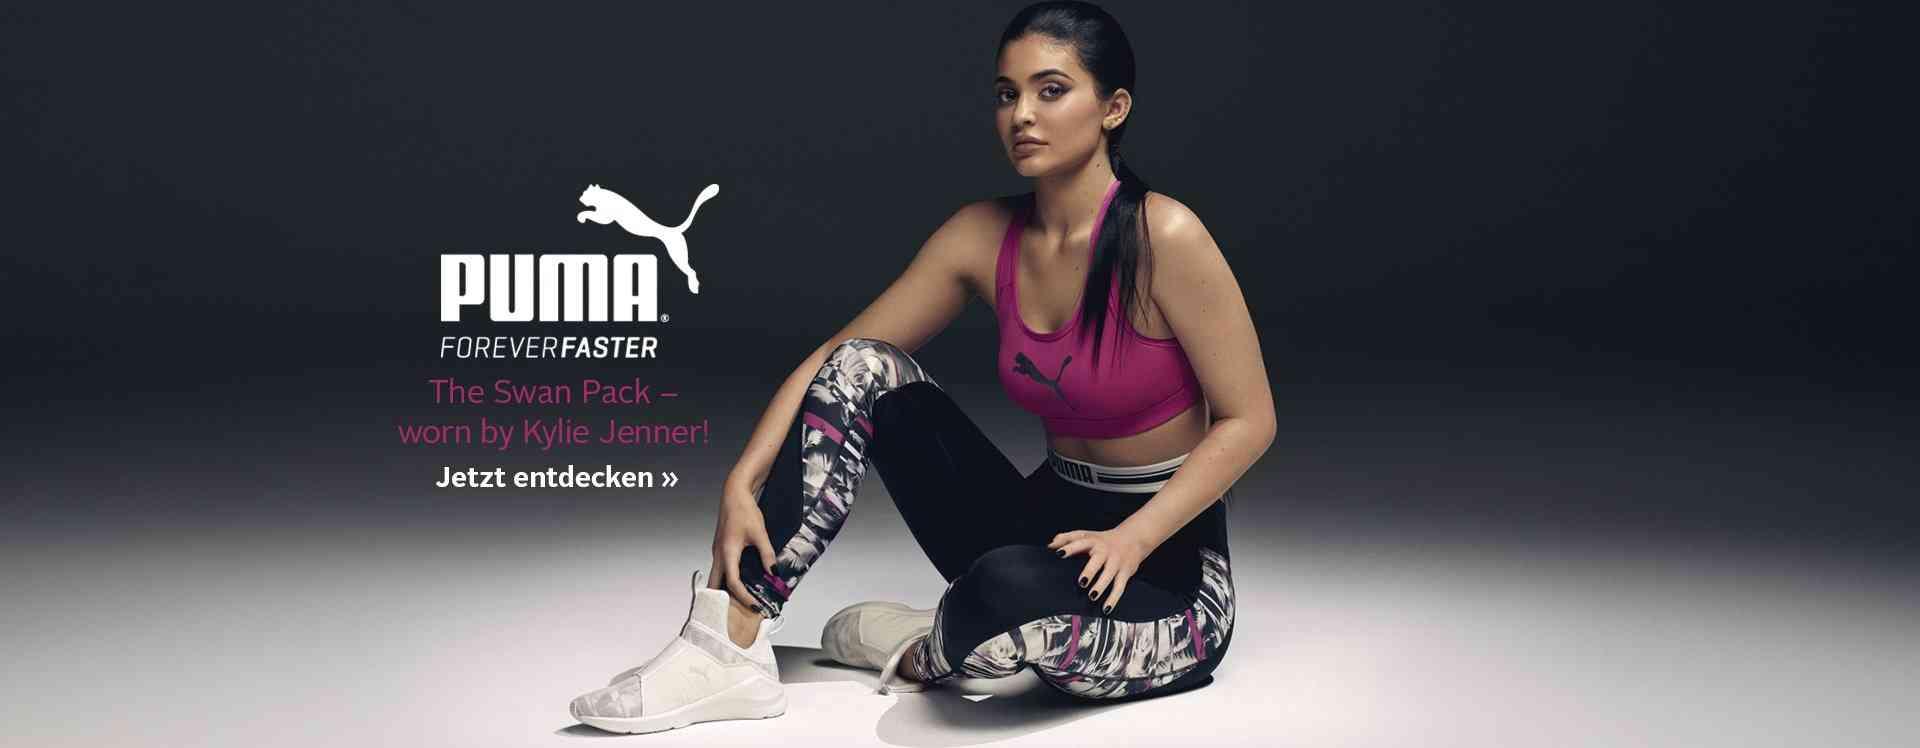 PUMA, immer im Trend! Eine große Auswahl an Sport- und Lifestyle Mode und Schuhen von PUMA finden Sie in unserem PUMA Shop